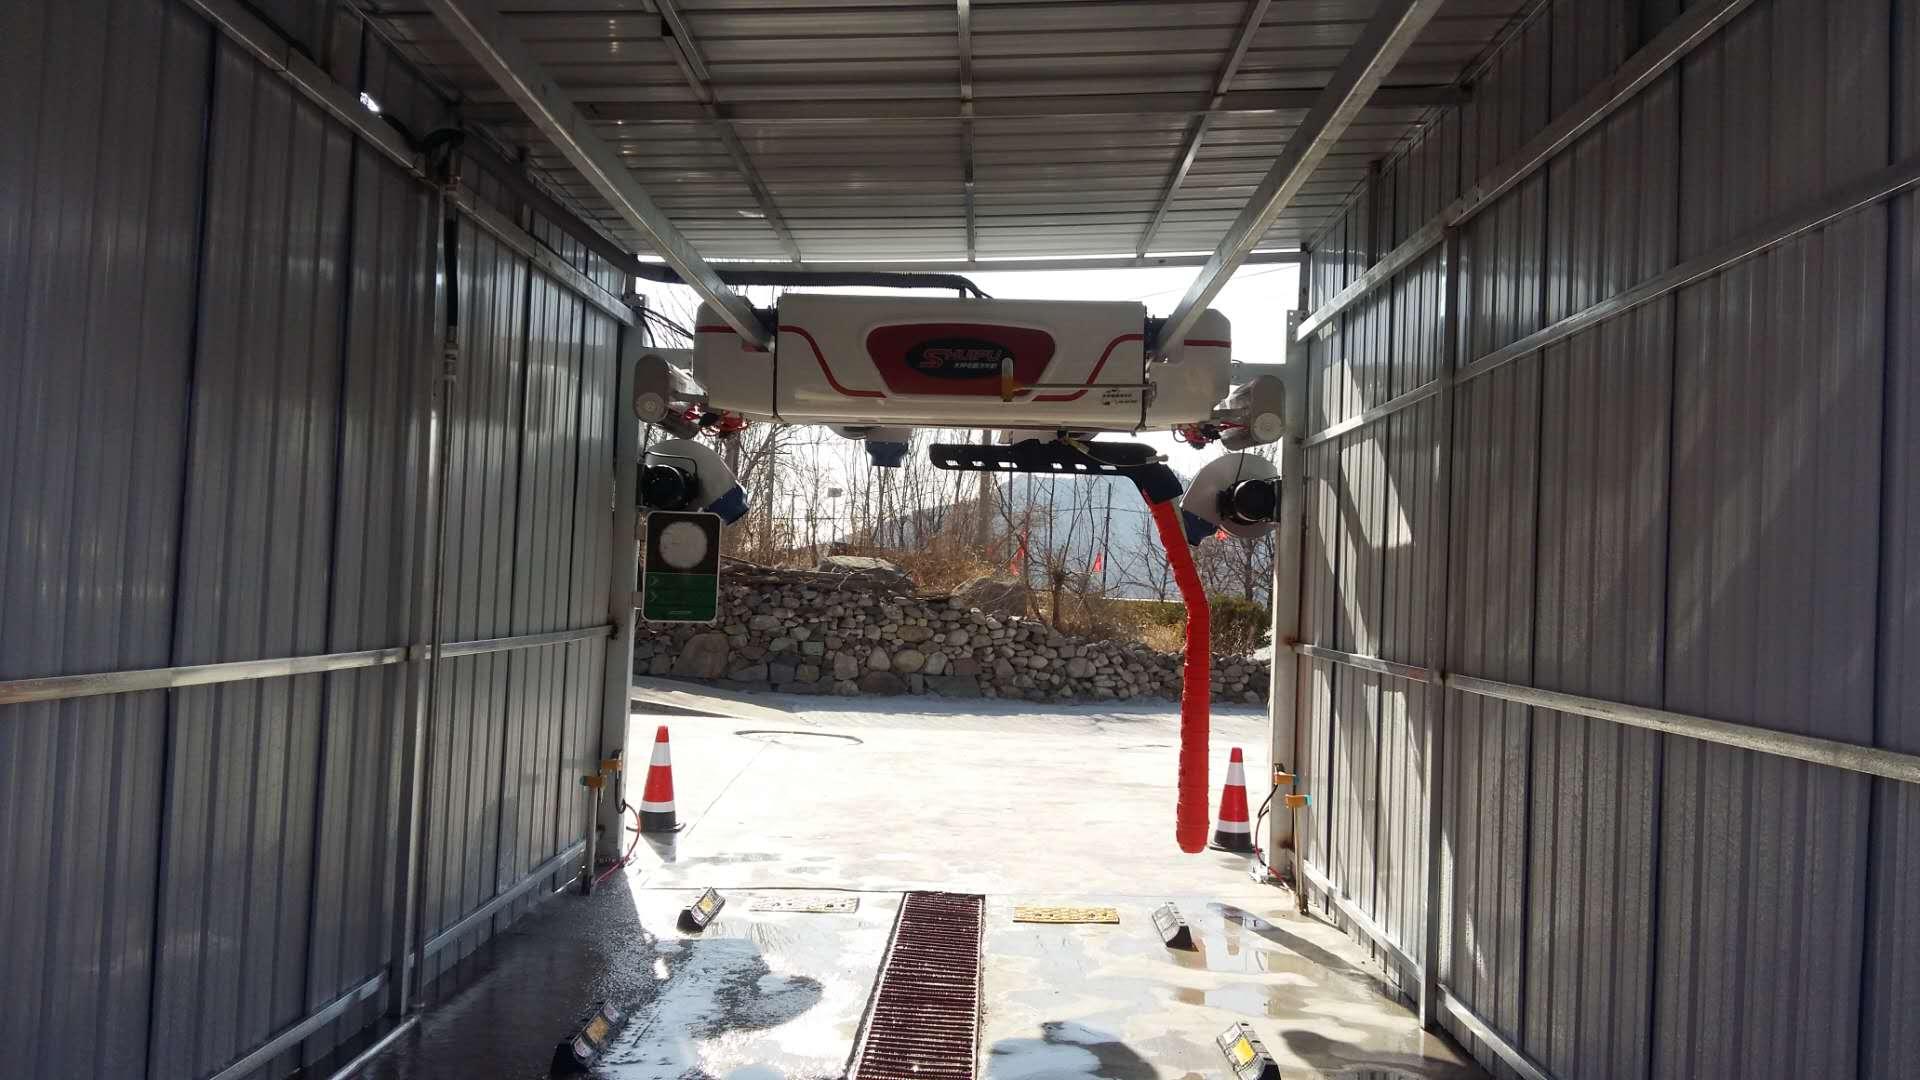 科技创新,品质承诺,贺山东鲁东m7全自动洗车机安装完成